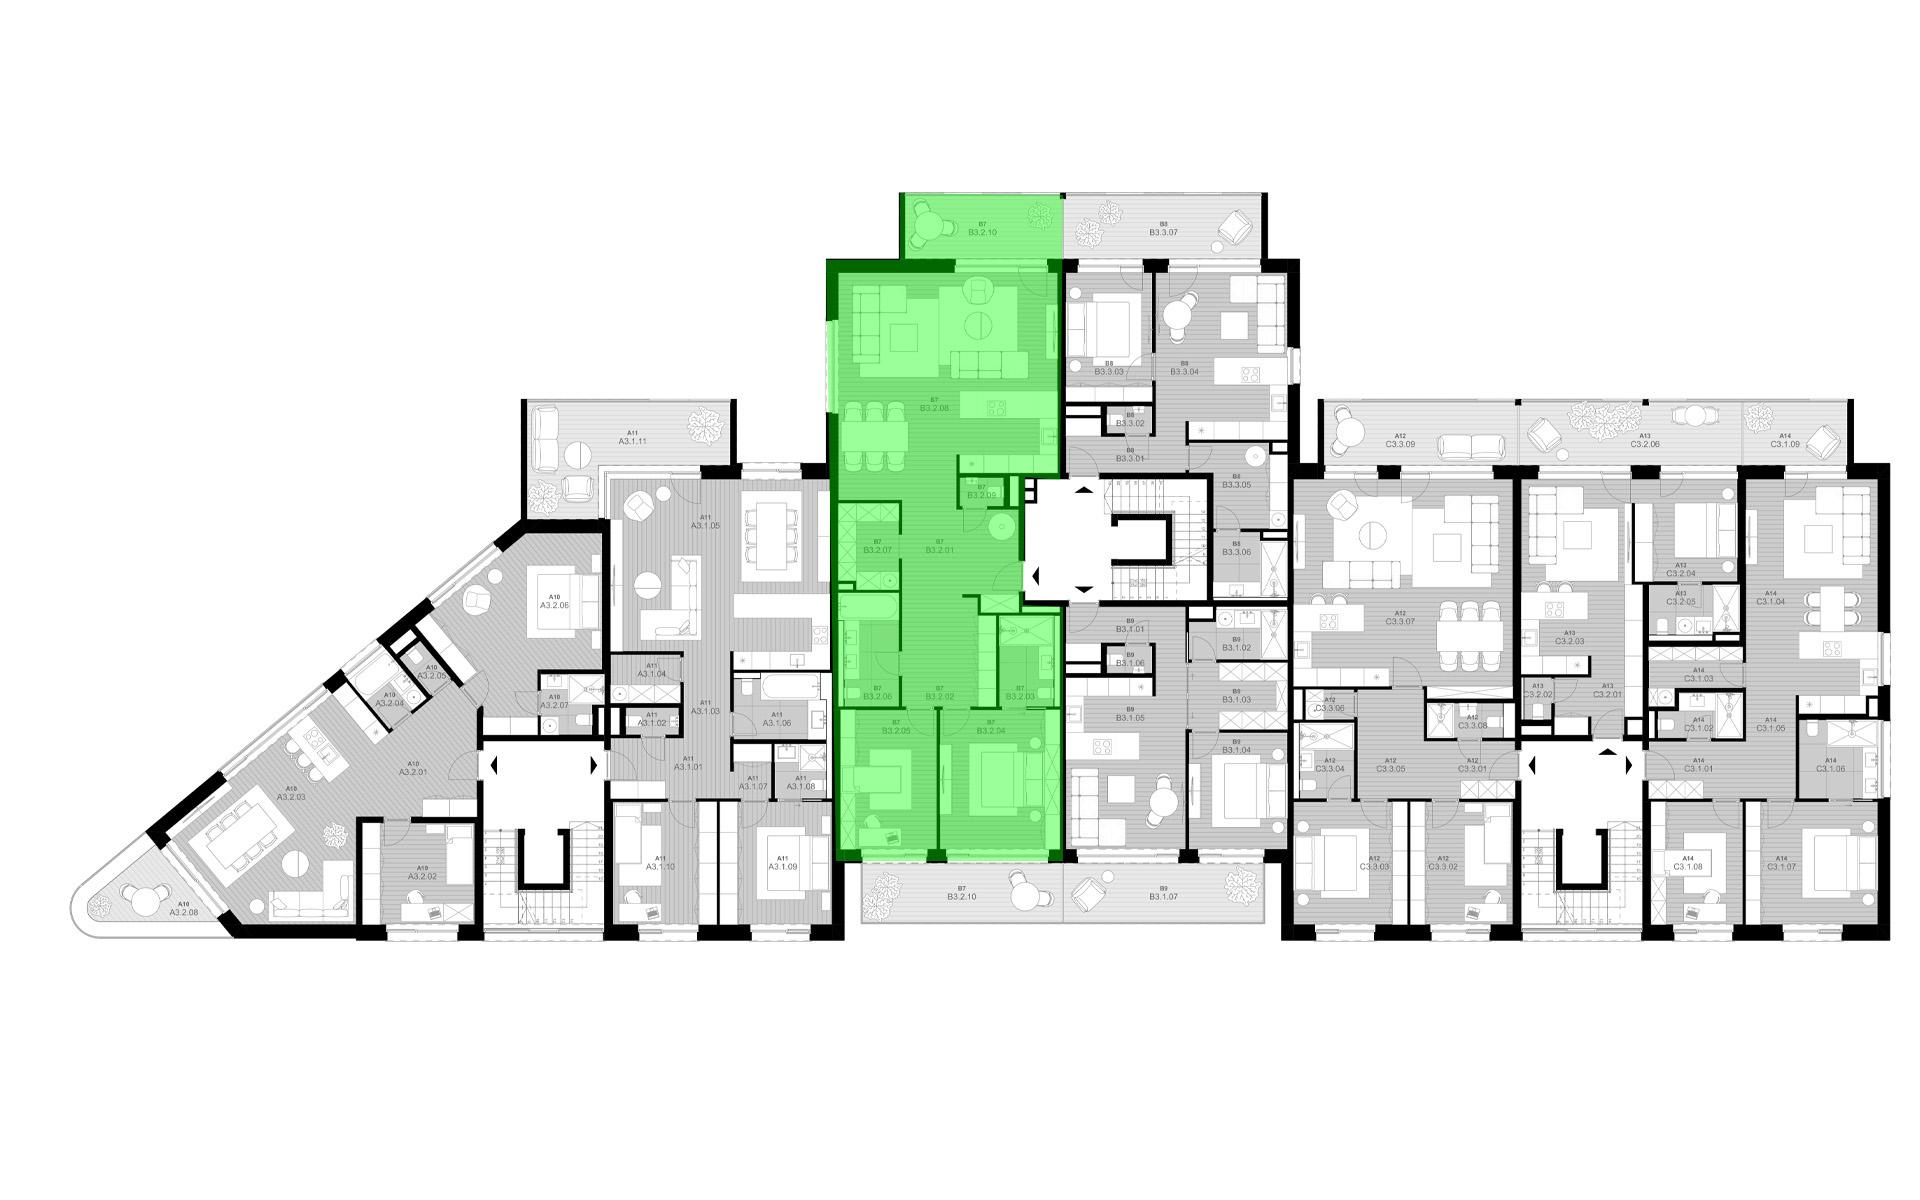 rezidencia K Železnej Studienke - pôdorys so zvýraznením bytu B3.2